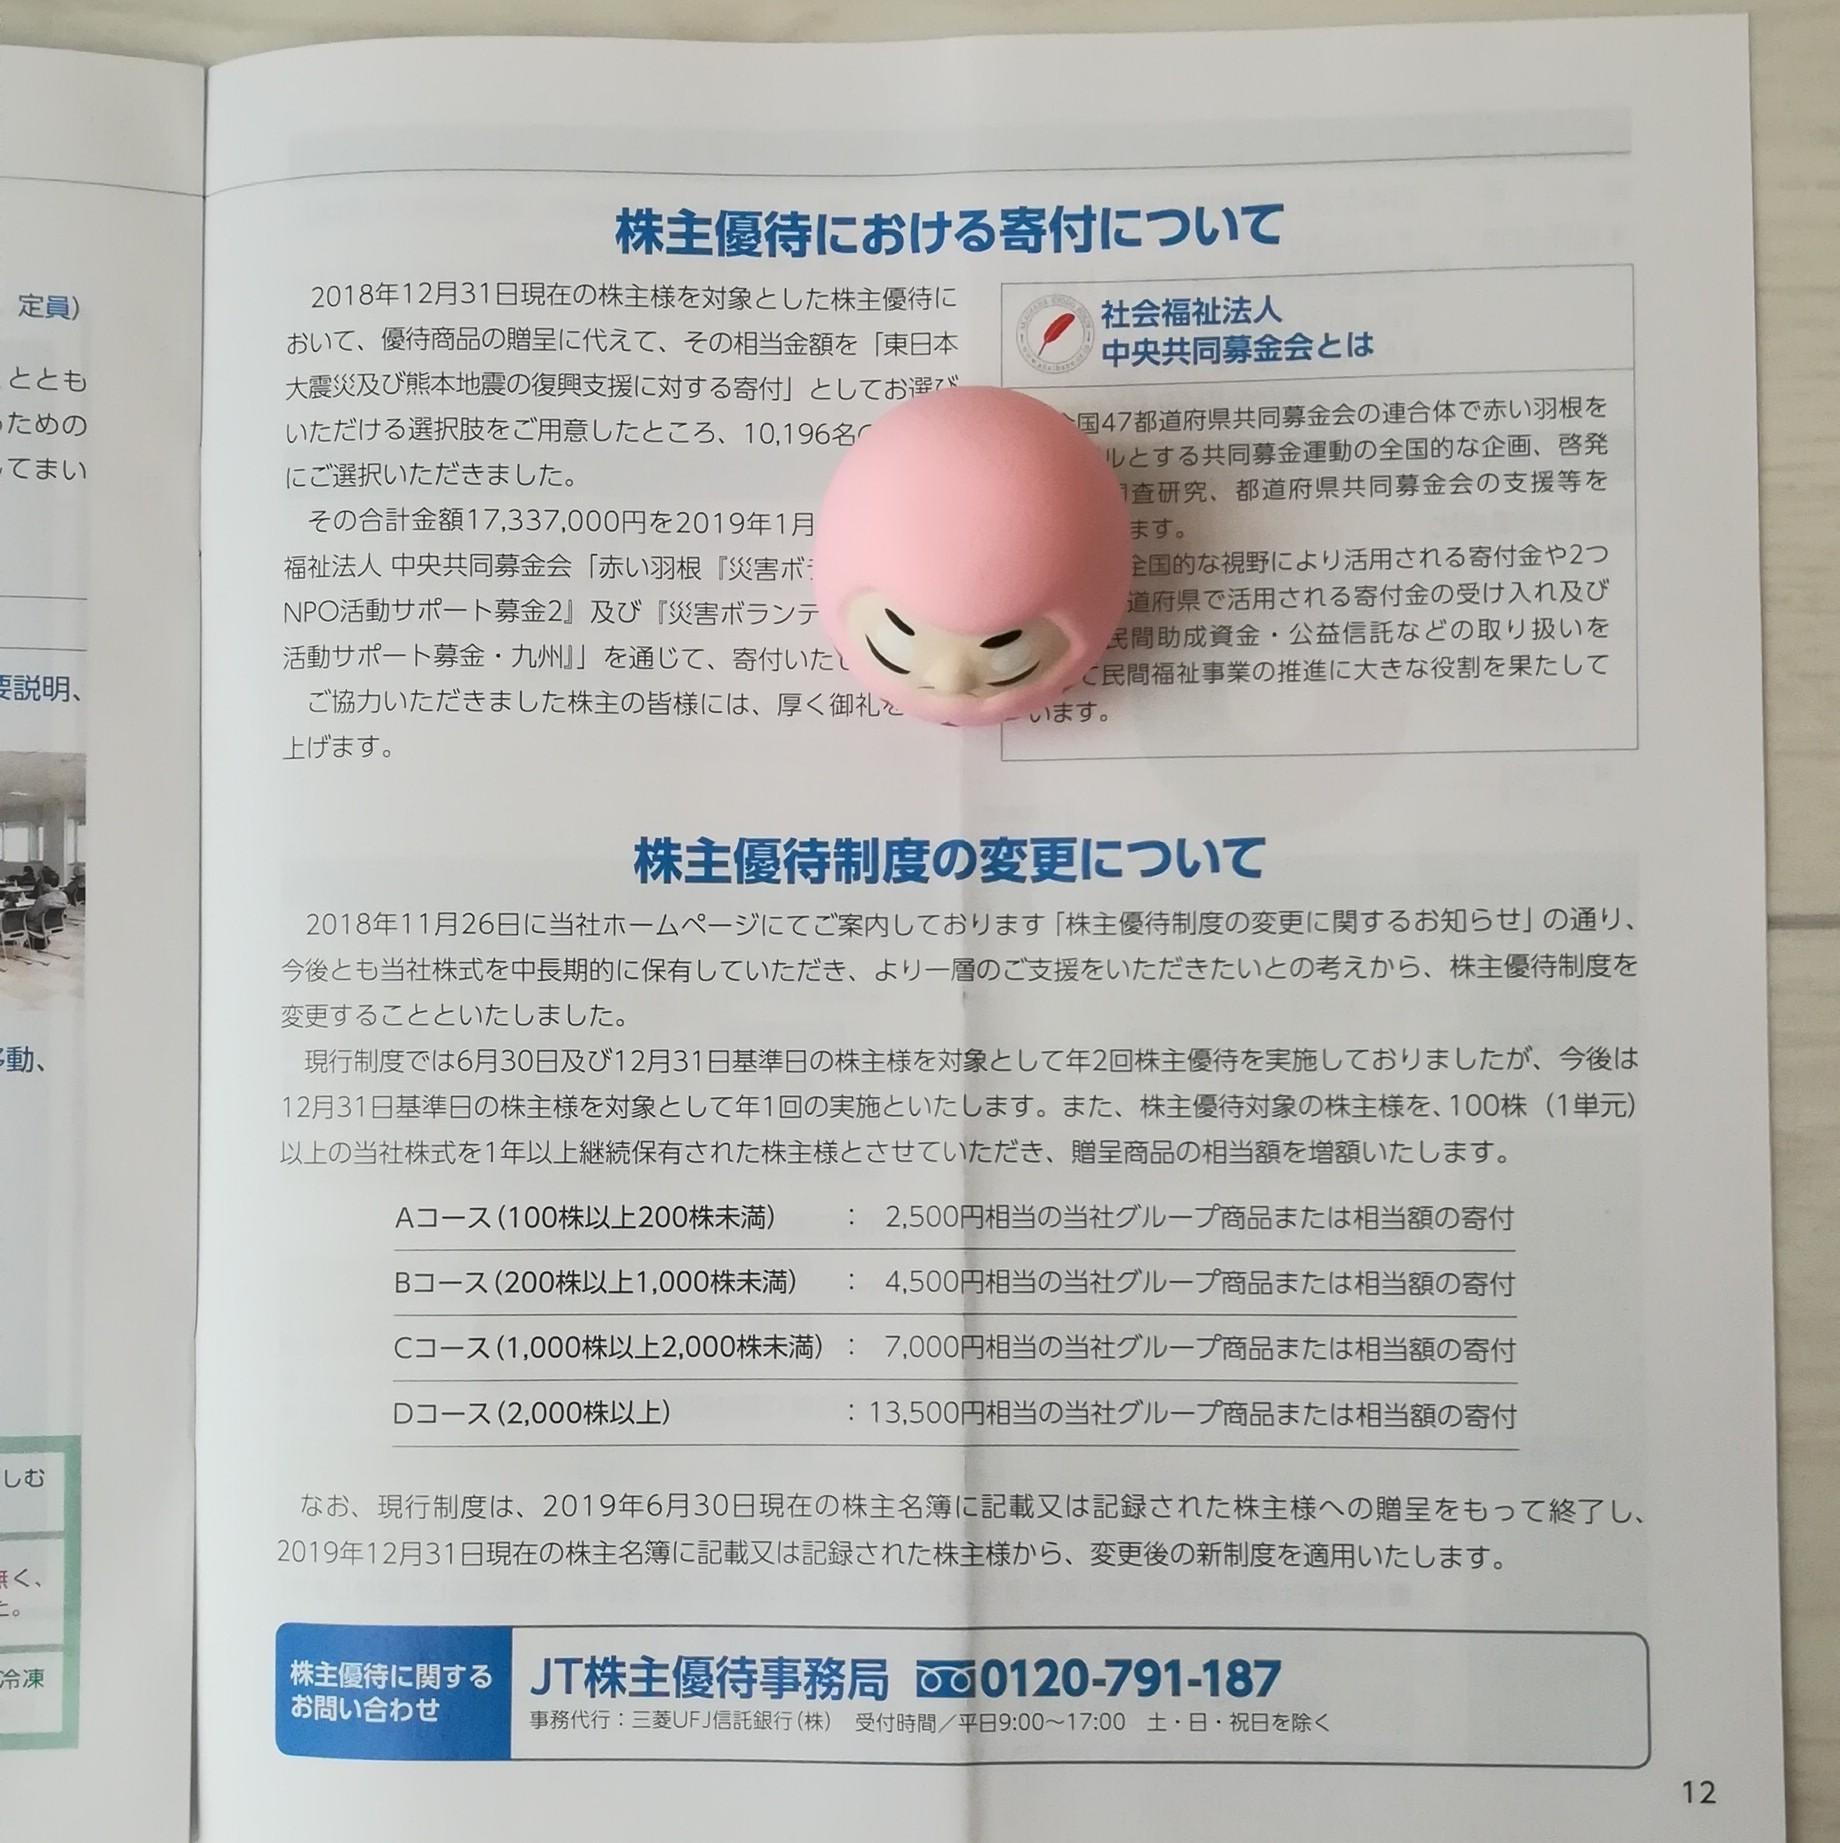 f:id:hiro_116:20190324163607j:plain